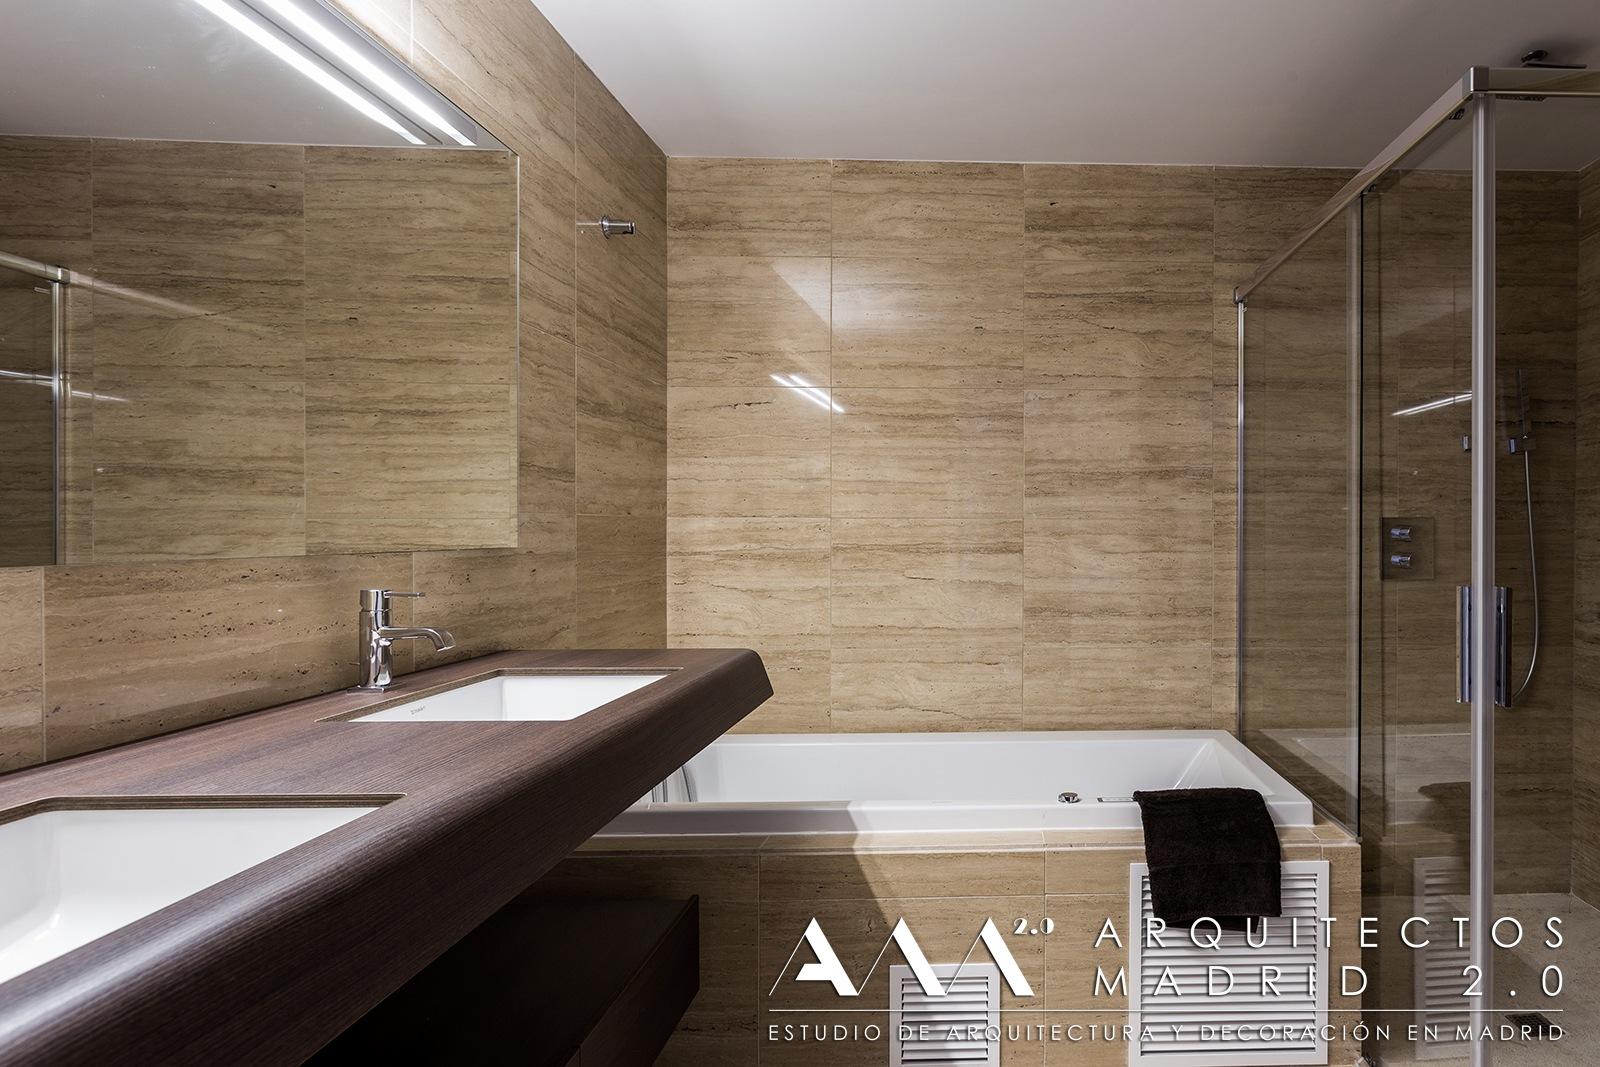 reforma-vivienda-de-diseno-bano-por-arquitectos-madrid-27